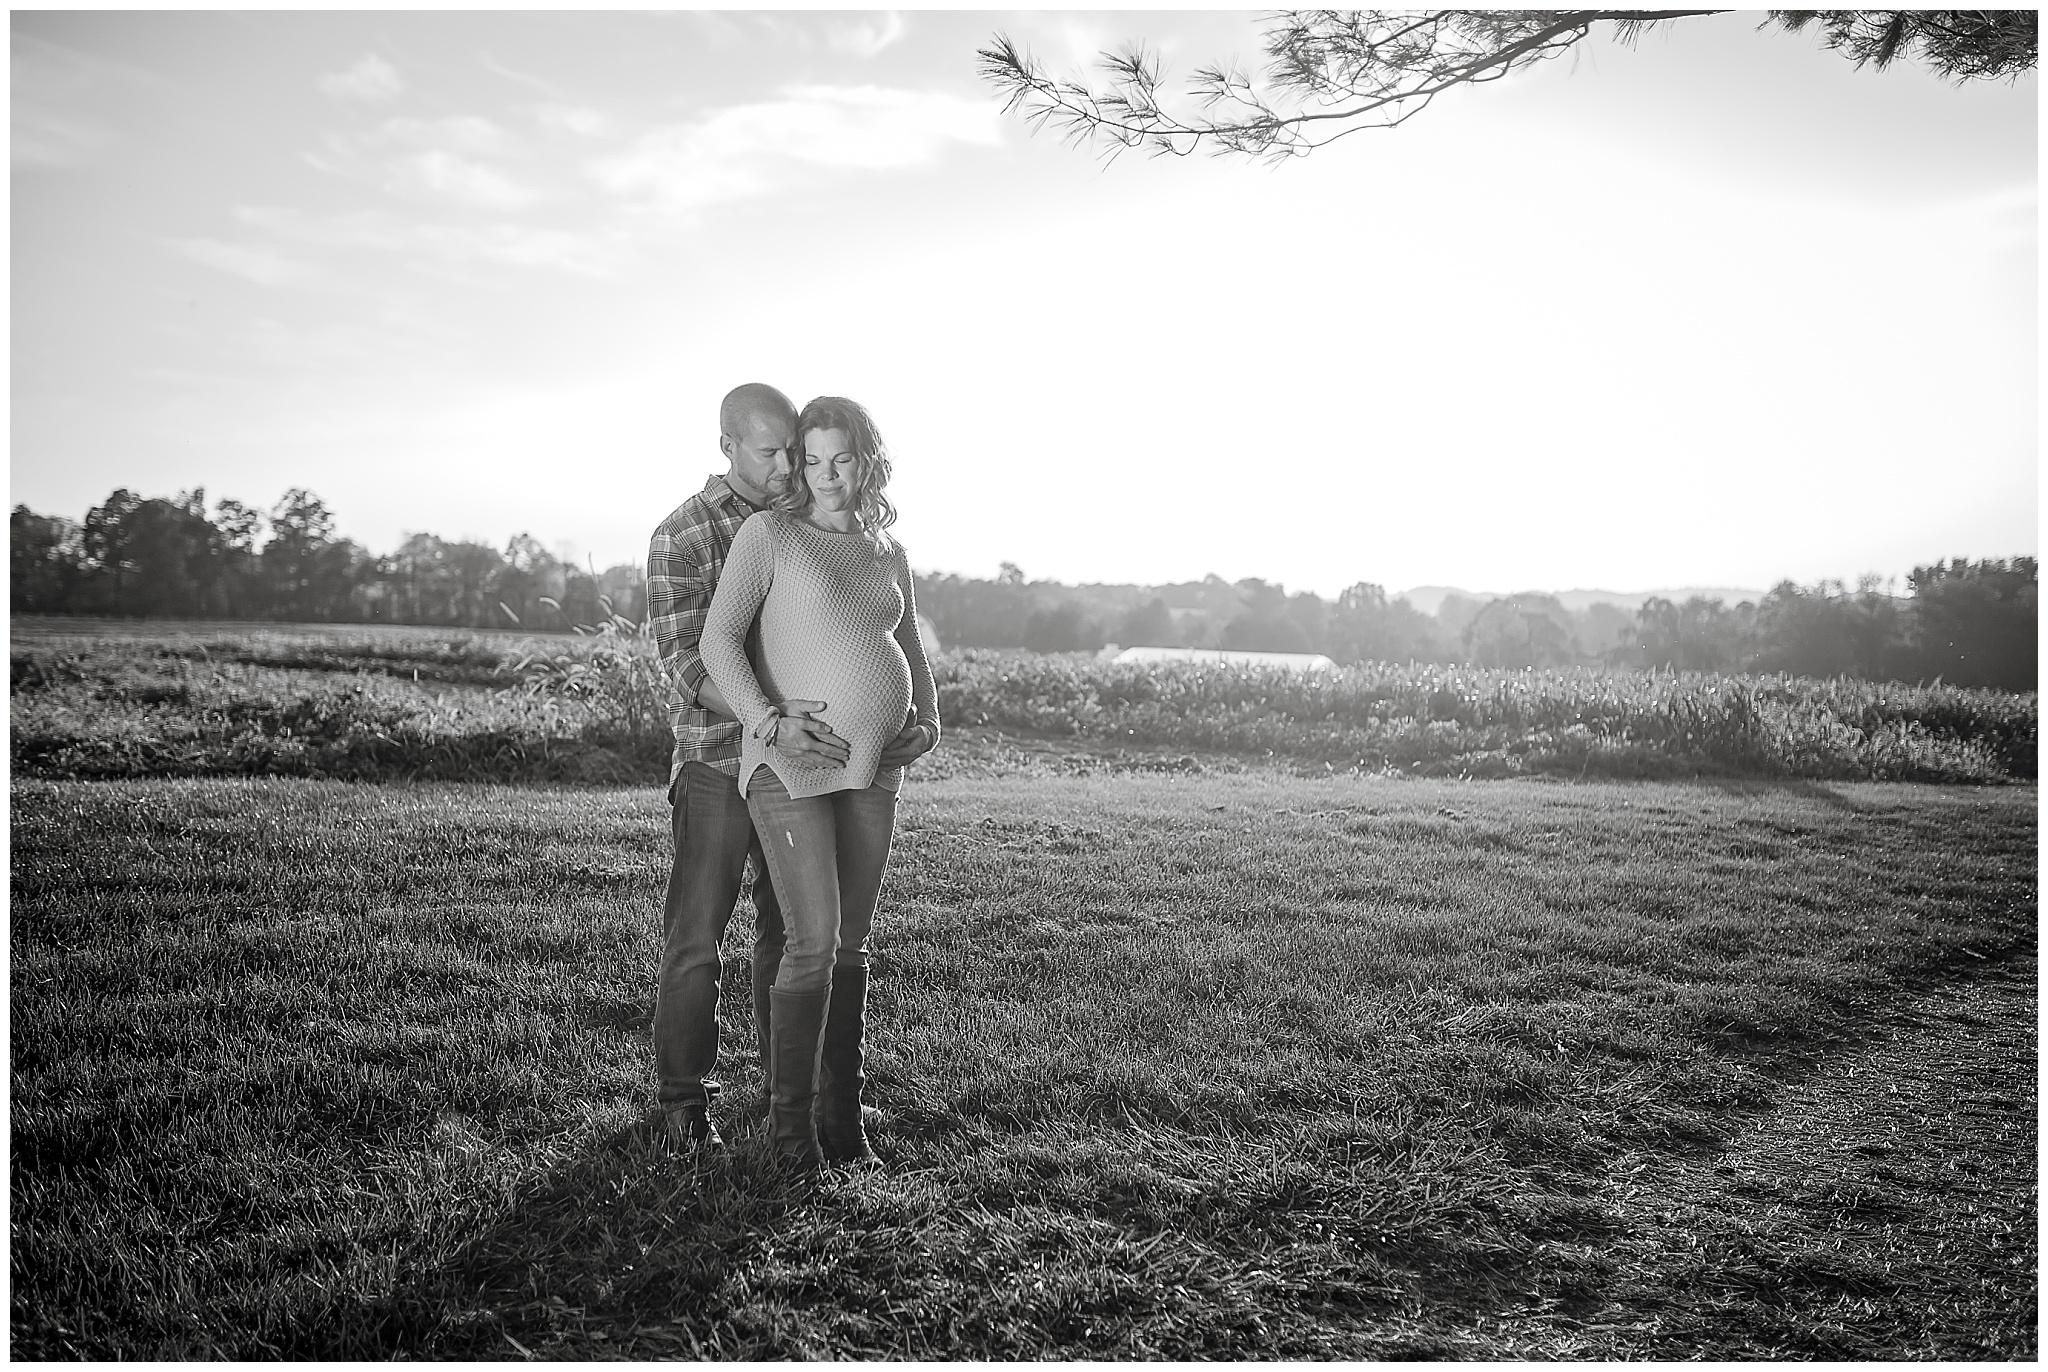 Lehigh Valley Maternity Photographer Lehigh Valley Newborn Photographer Lehigh Valley Birth Photographer Philadelphia Maternity Photographer Philadelphia Birth Photographer Bethlehem Maternity Photographer Allentown Maternity Photographer